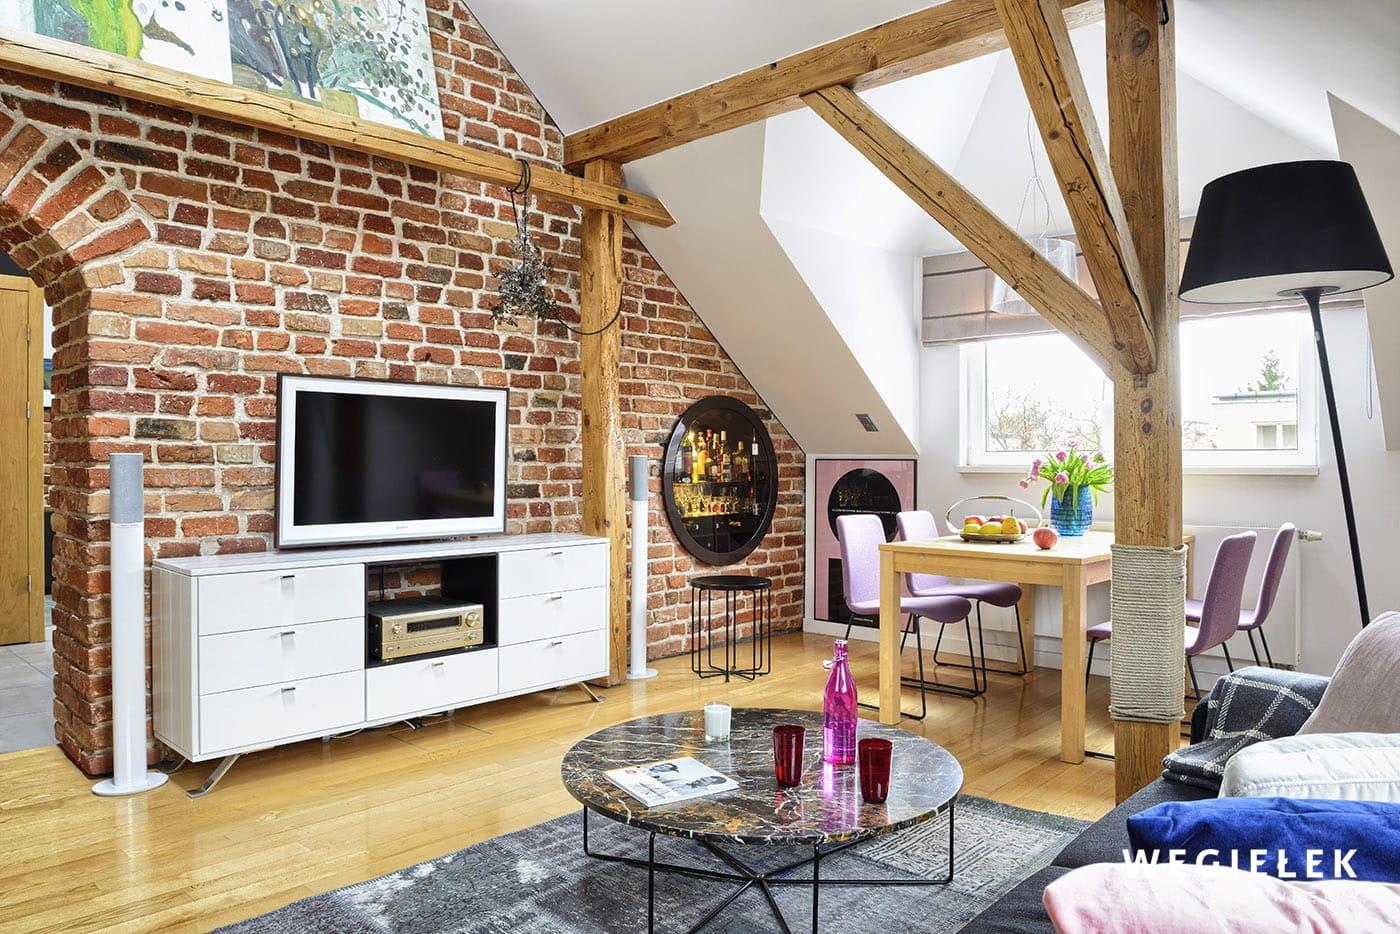 Czarna, stojąca lampa na tle białej ściany w pomieszczeniu z cegły z odkrytymi belkami z drewna, to odważne połączenie projektanta poddasza z Warszawy